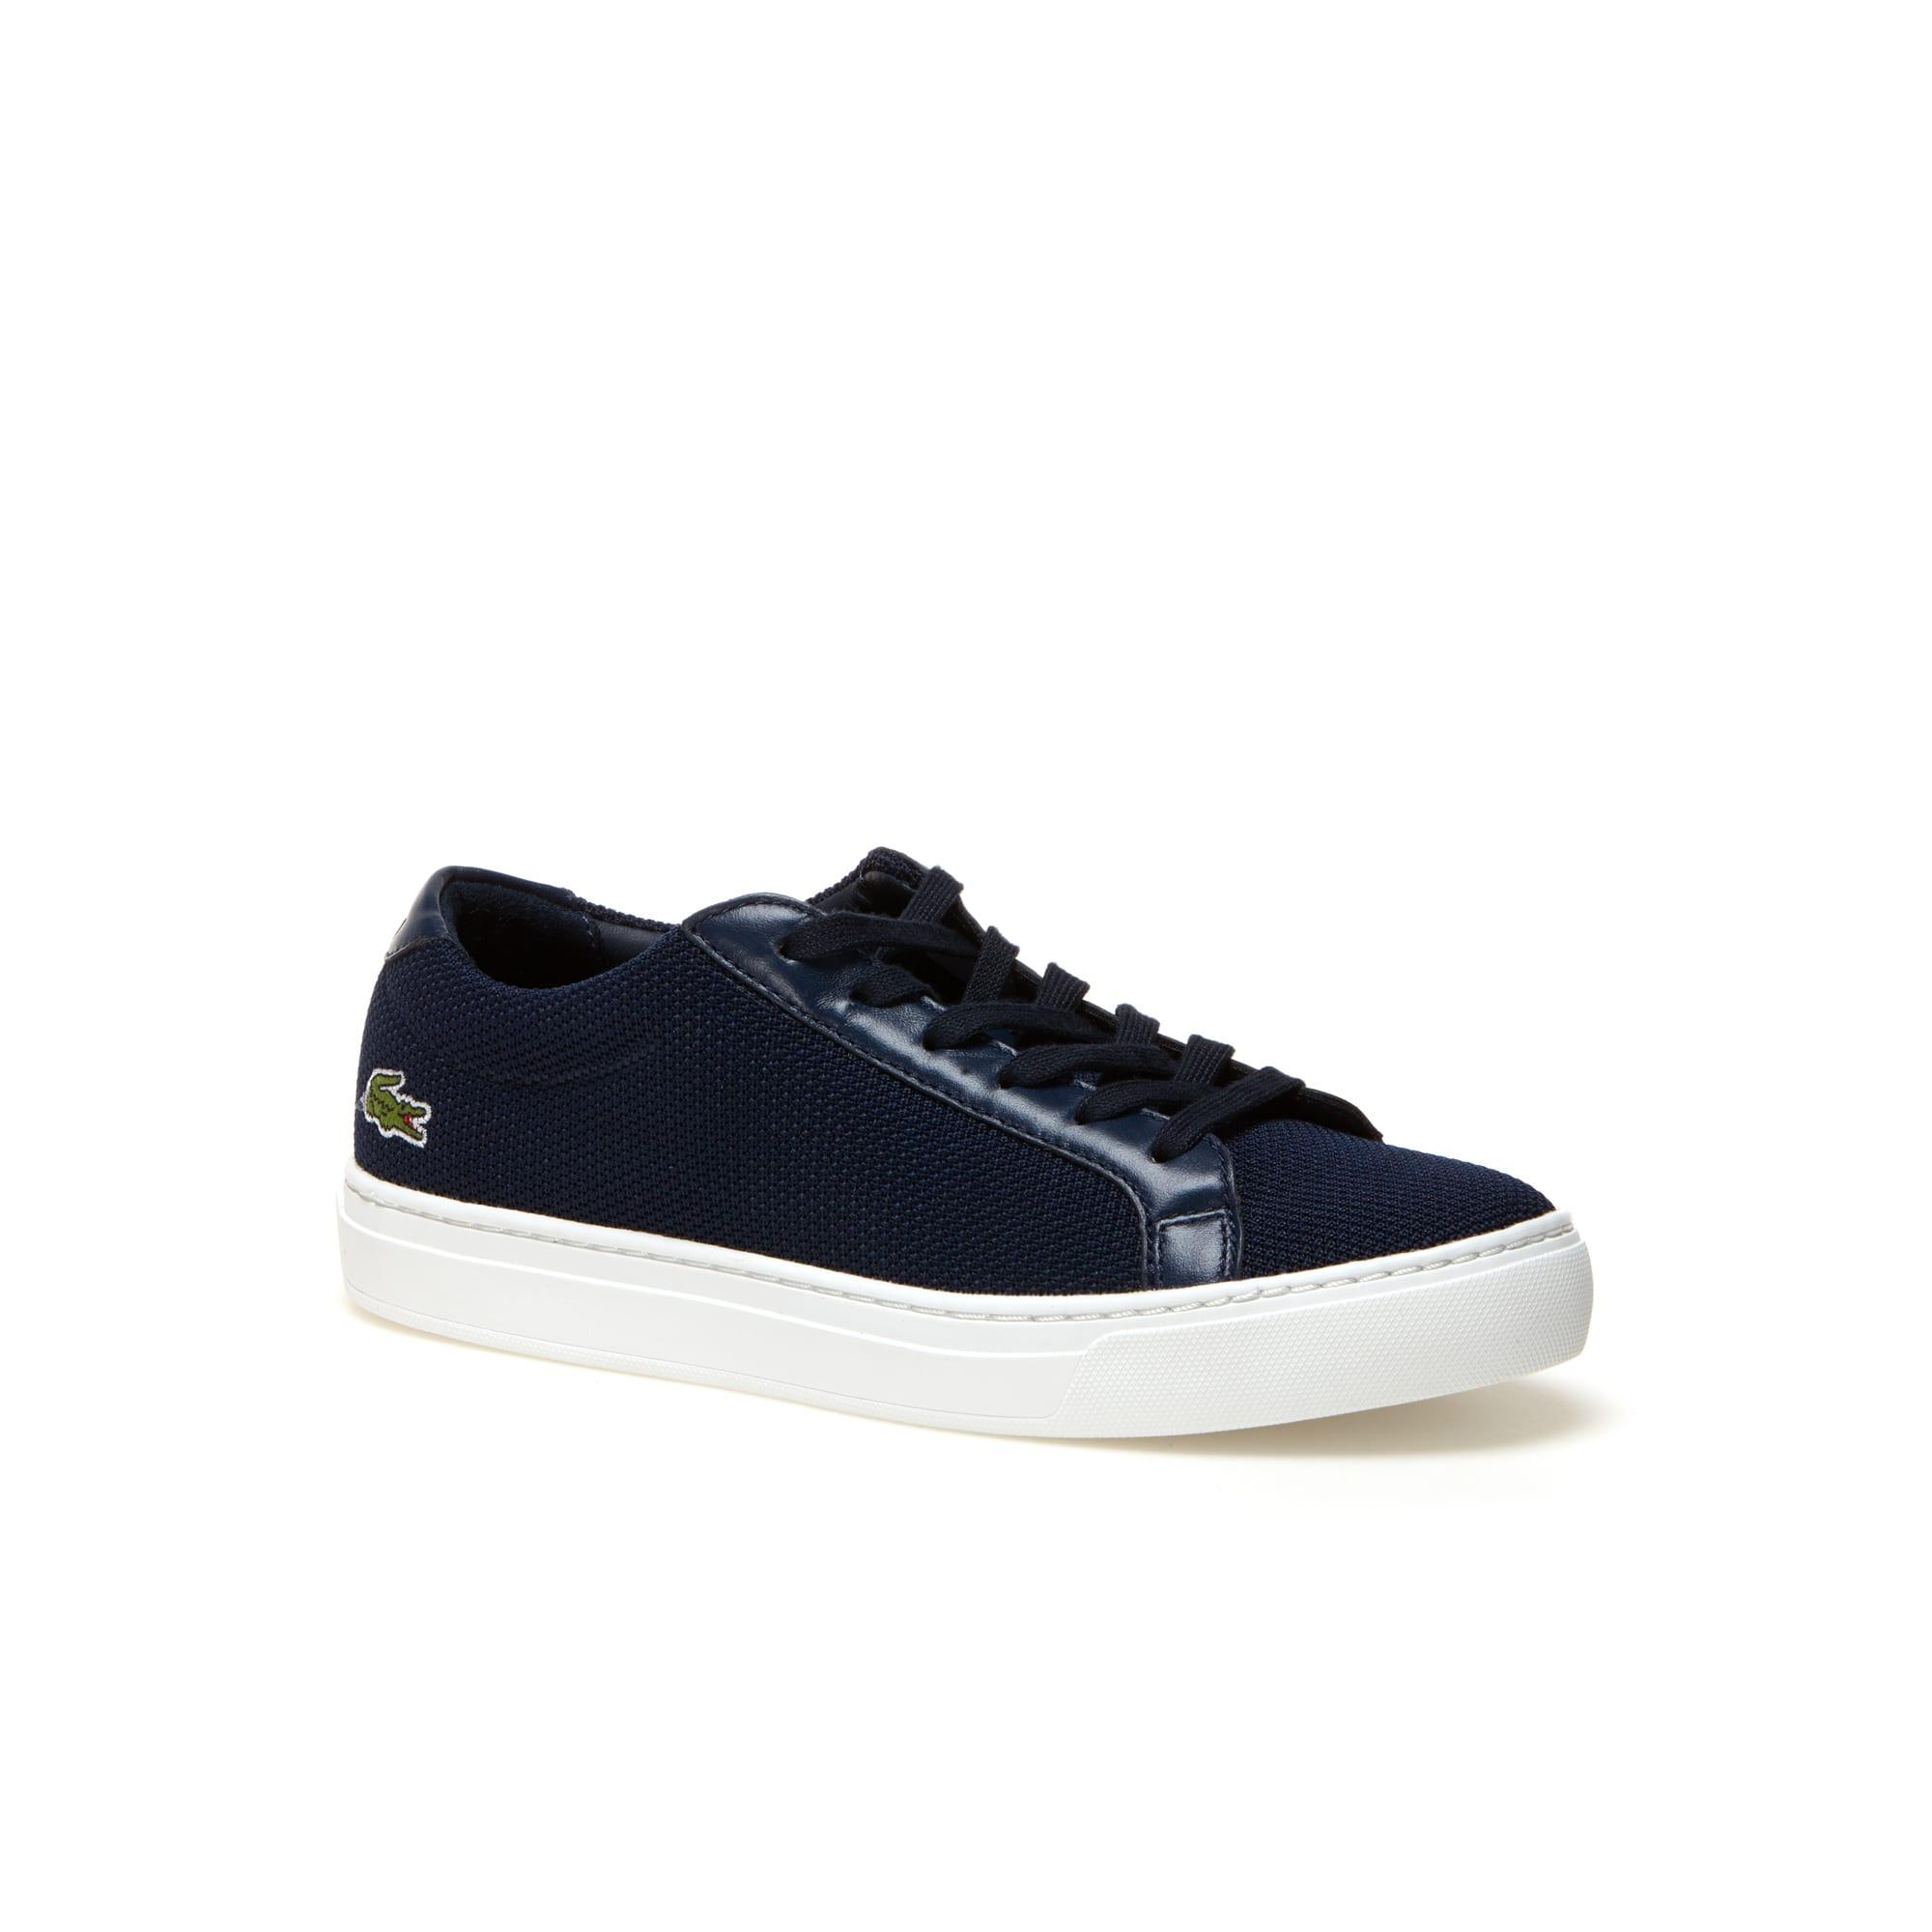 d3d04e719e4 Women's Sneakers | Women's Shoes | LACOSTE